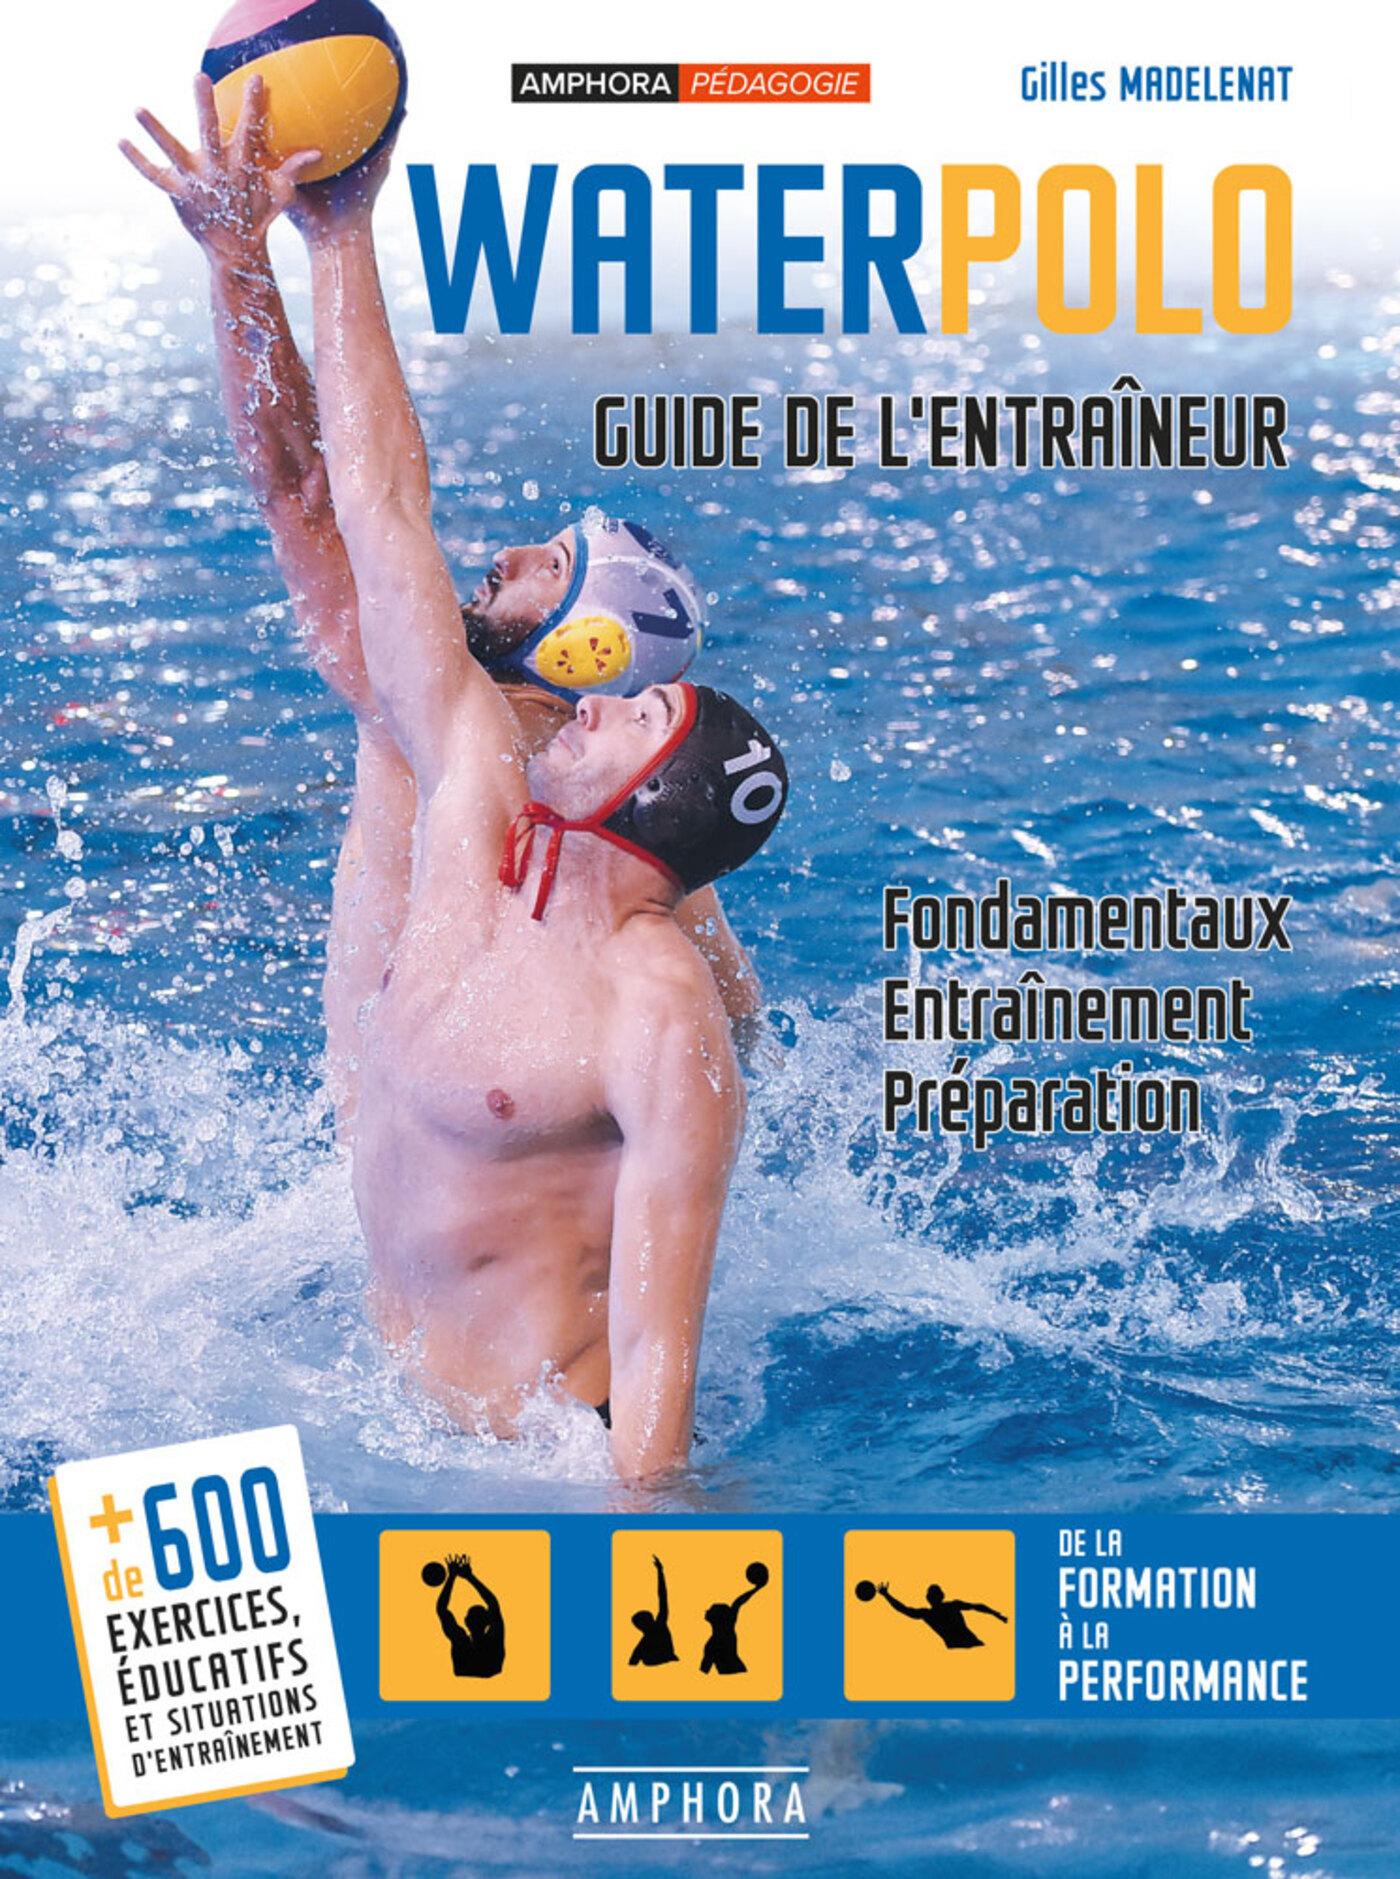 WATERPOLO - GUIDE DE L'ENTRAINEUR